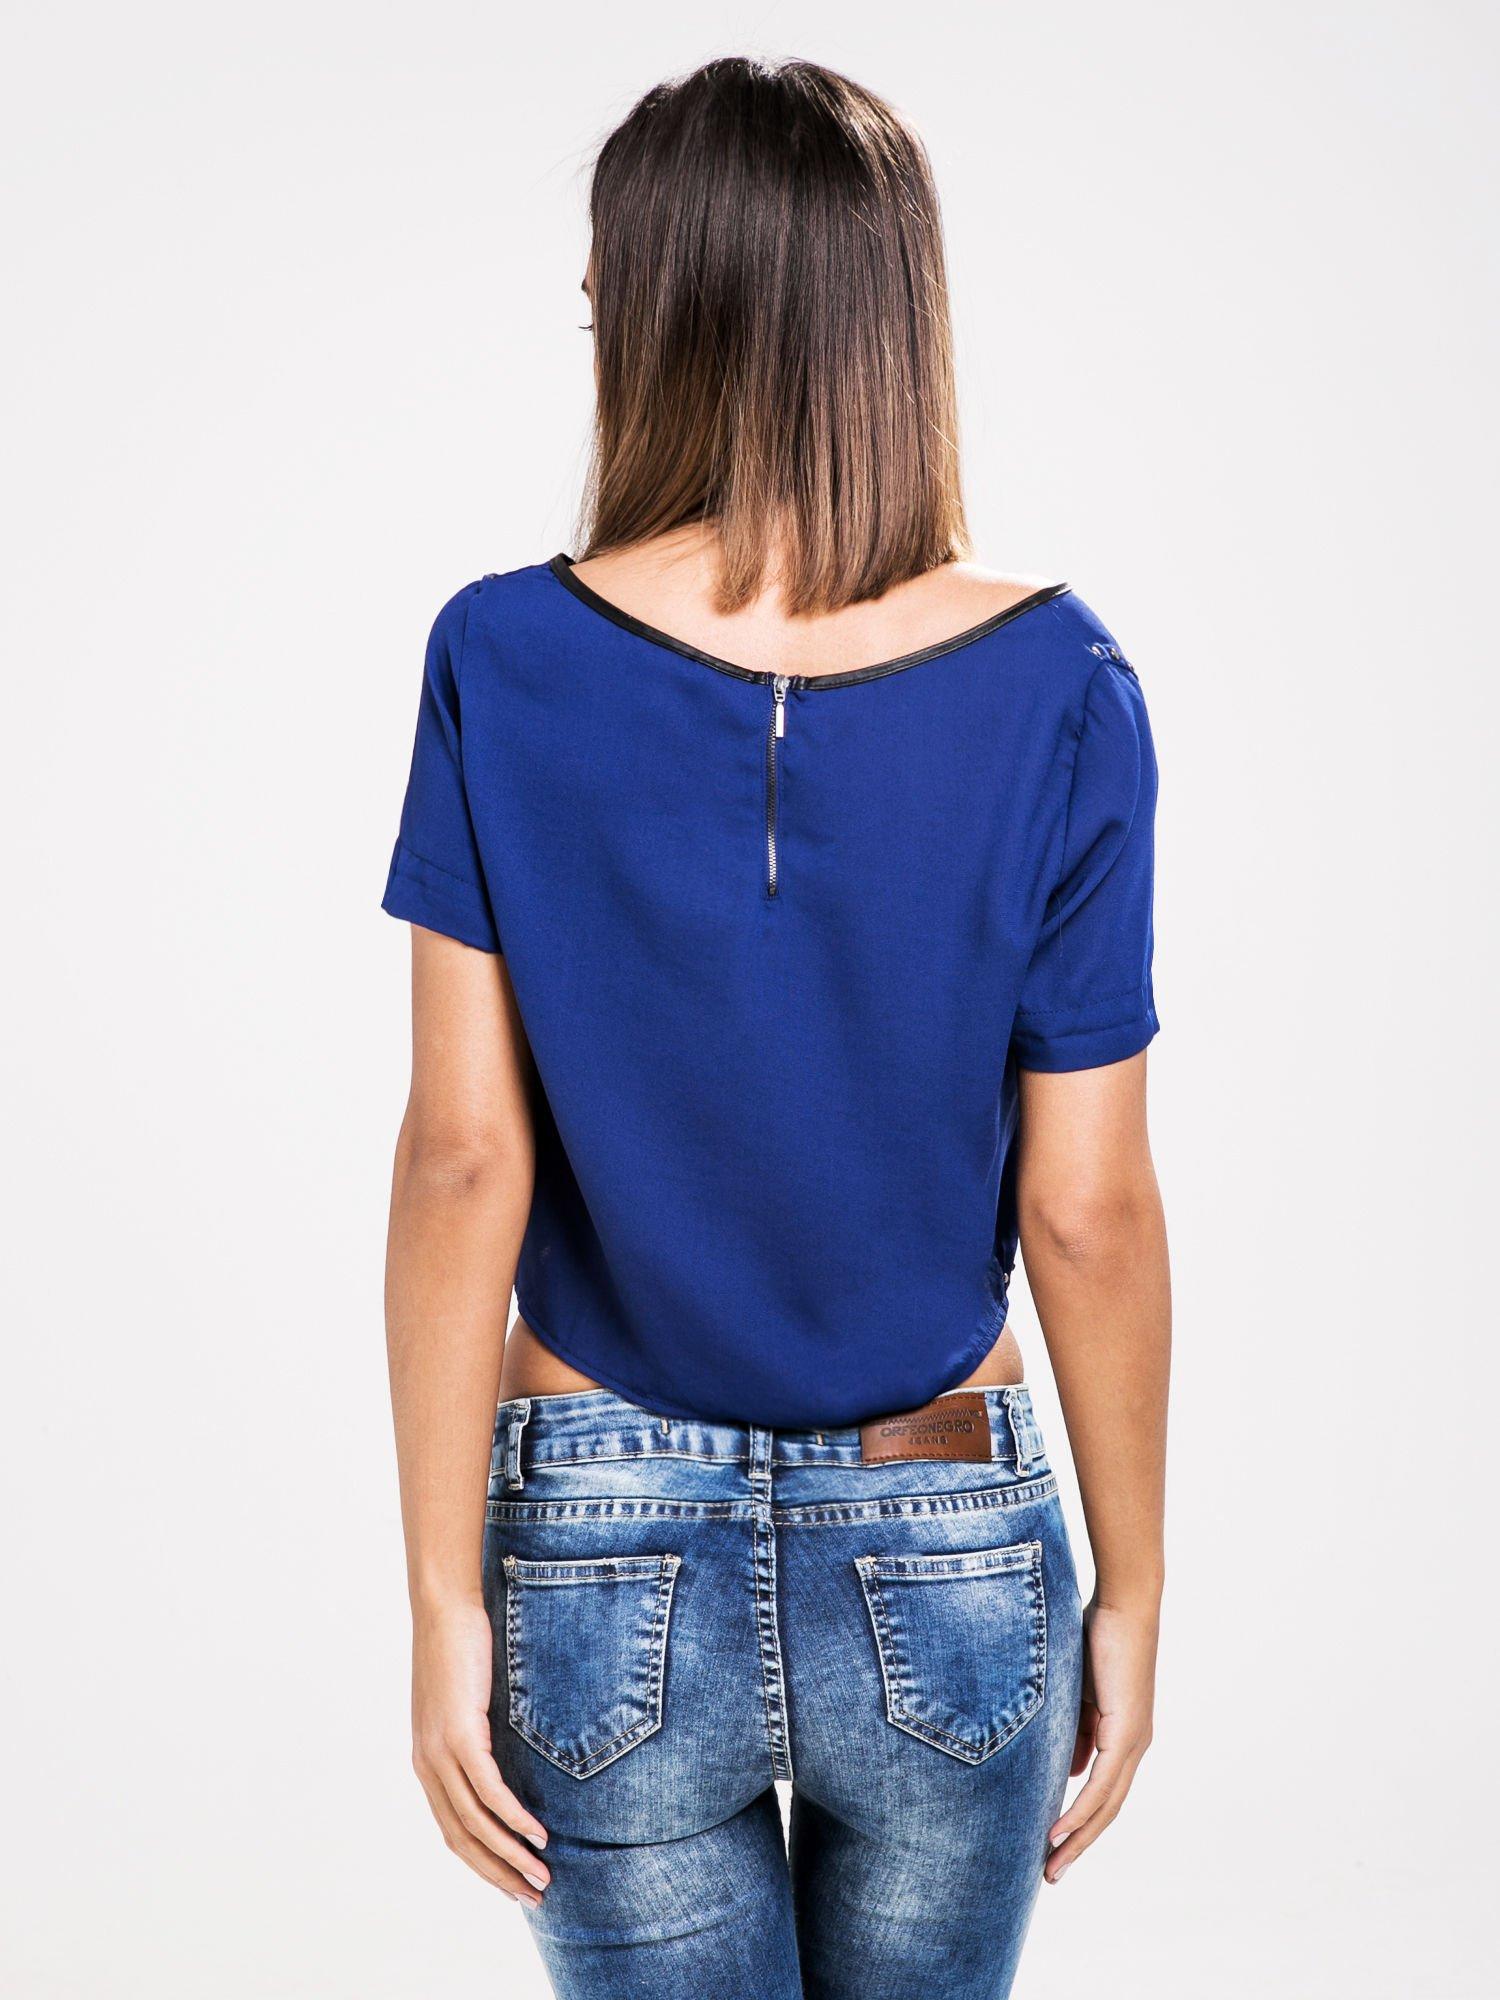 STRADIVARIUS Kobaltowy t-shirt typu cropped z dżetami i skórzaną lamówką                                  zdj.                                  2